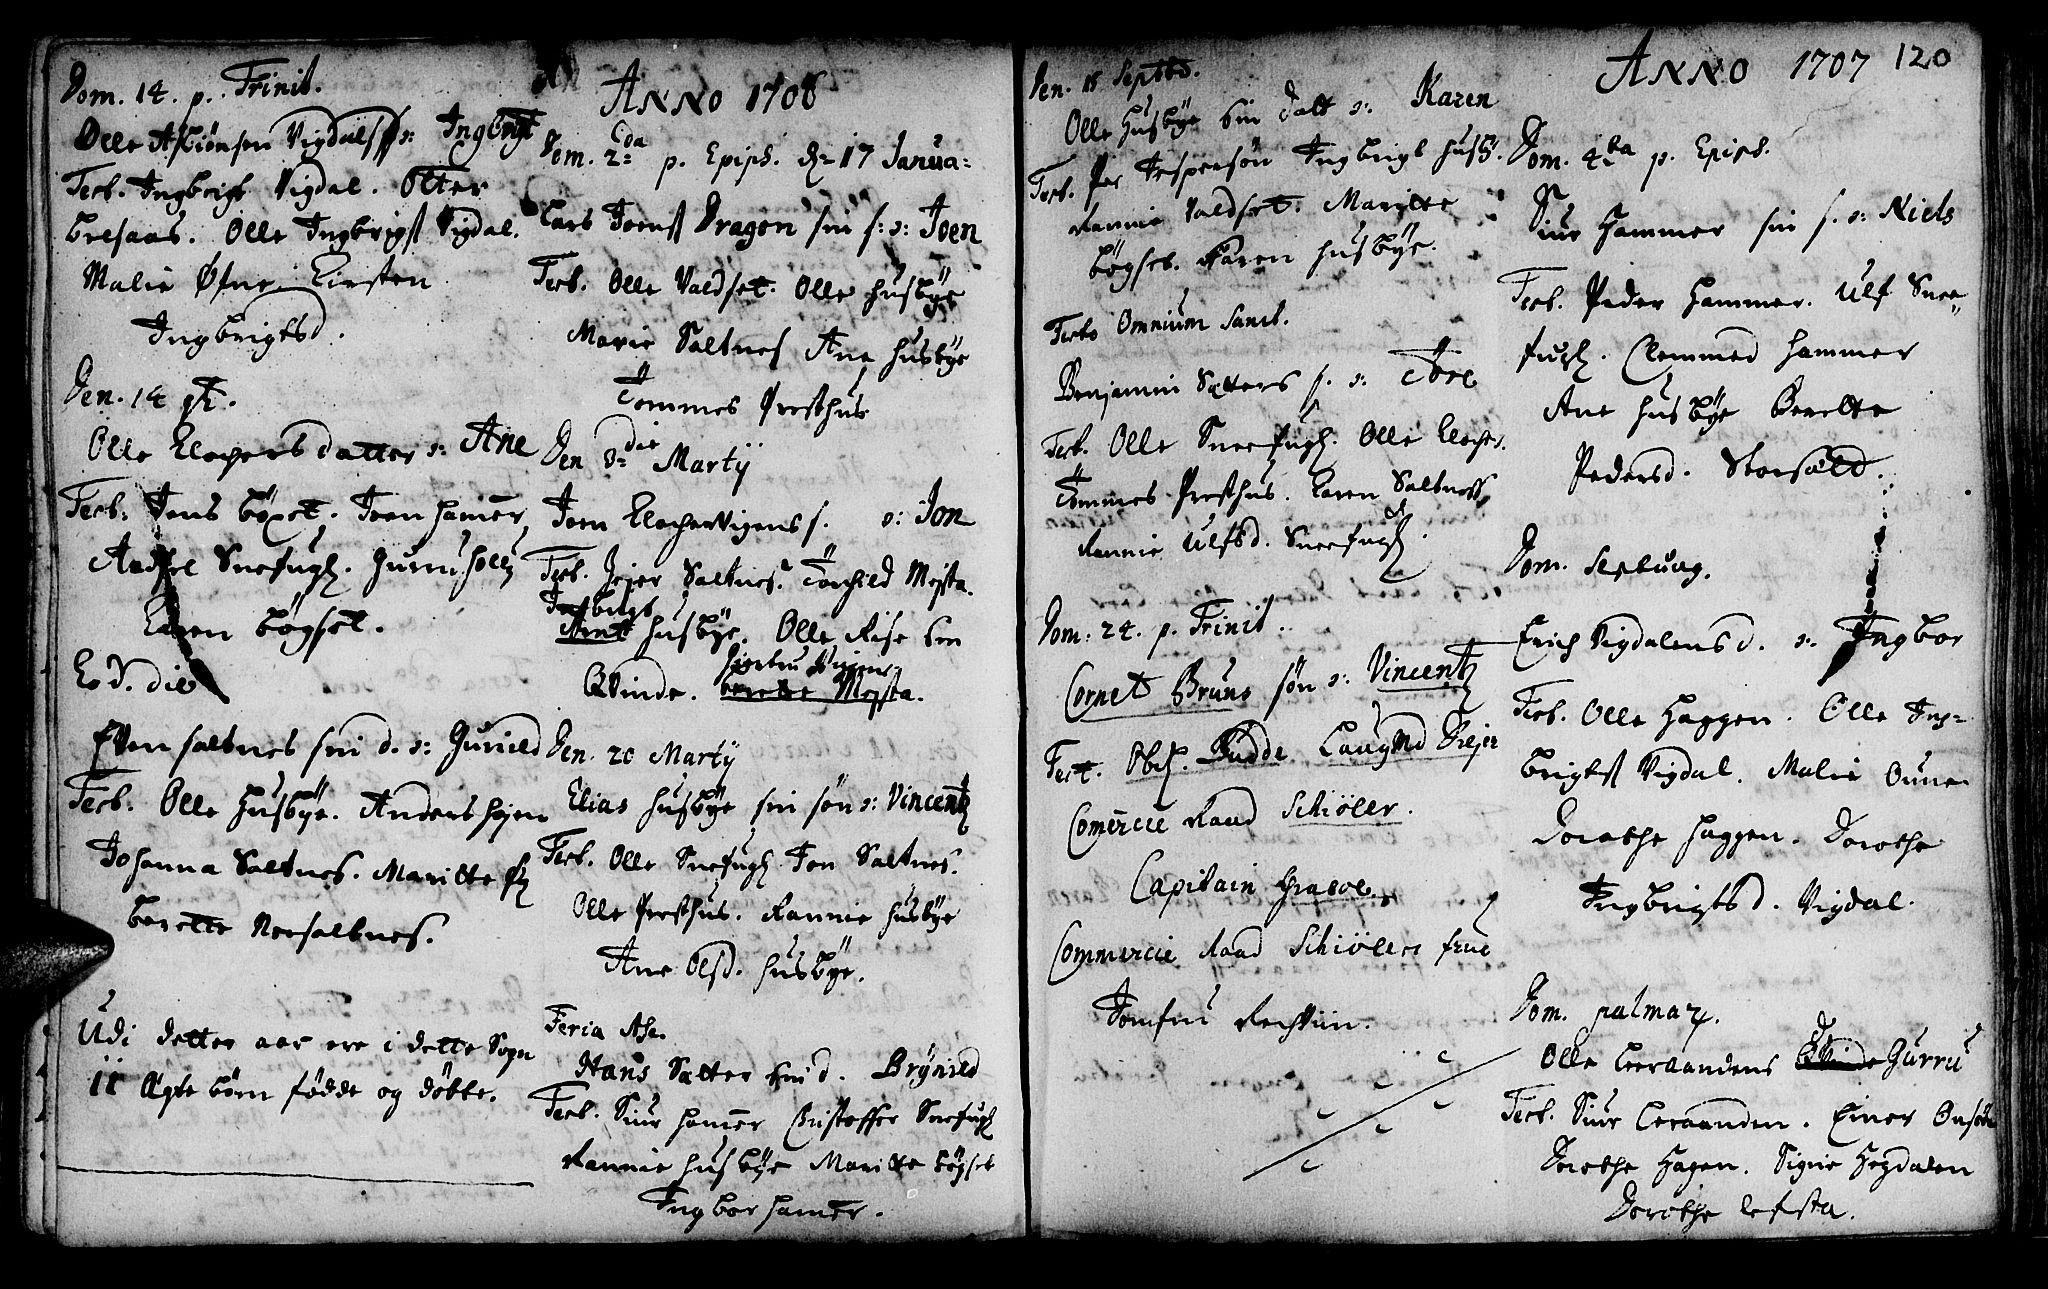 SAT, Ministerialprotokoller, klokkerbøker og fødselsregistre - Sør-Trøndelag, 666/L0783: Ministerialbok nr. 666A01, 1702-1753, s. 120